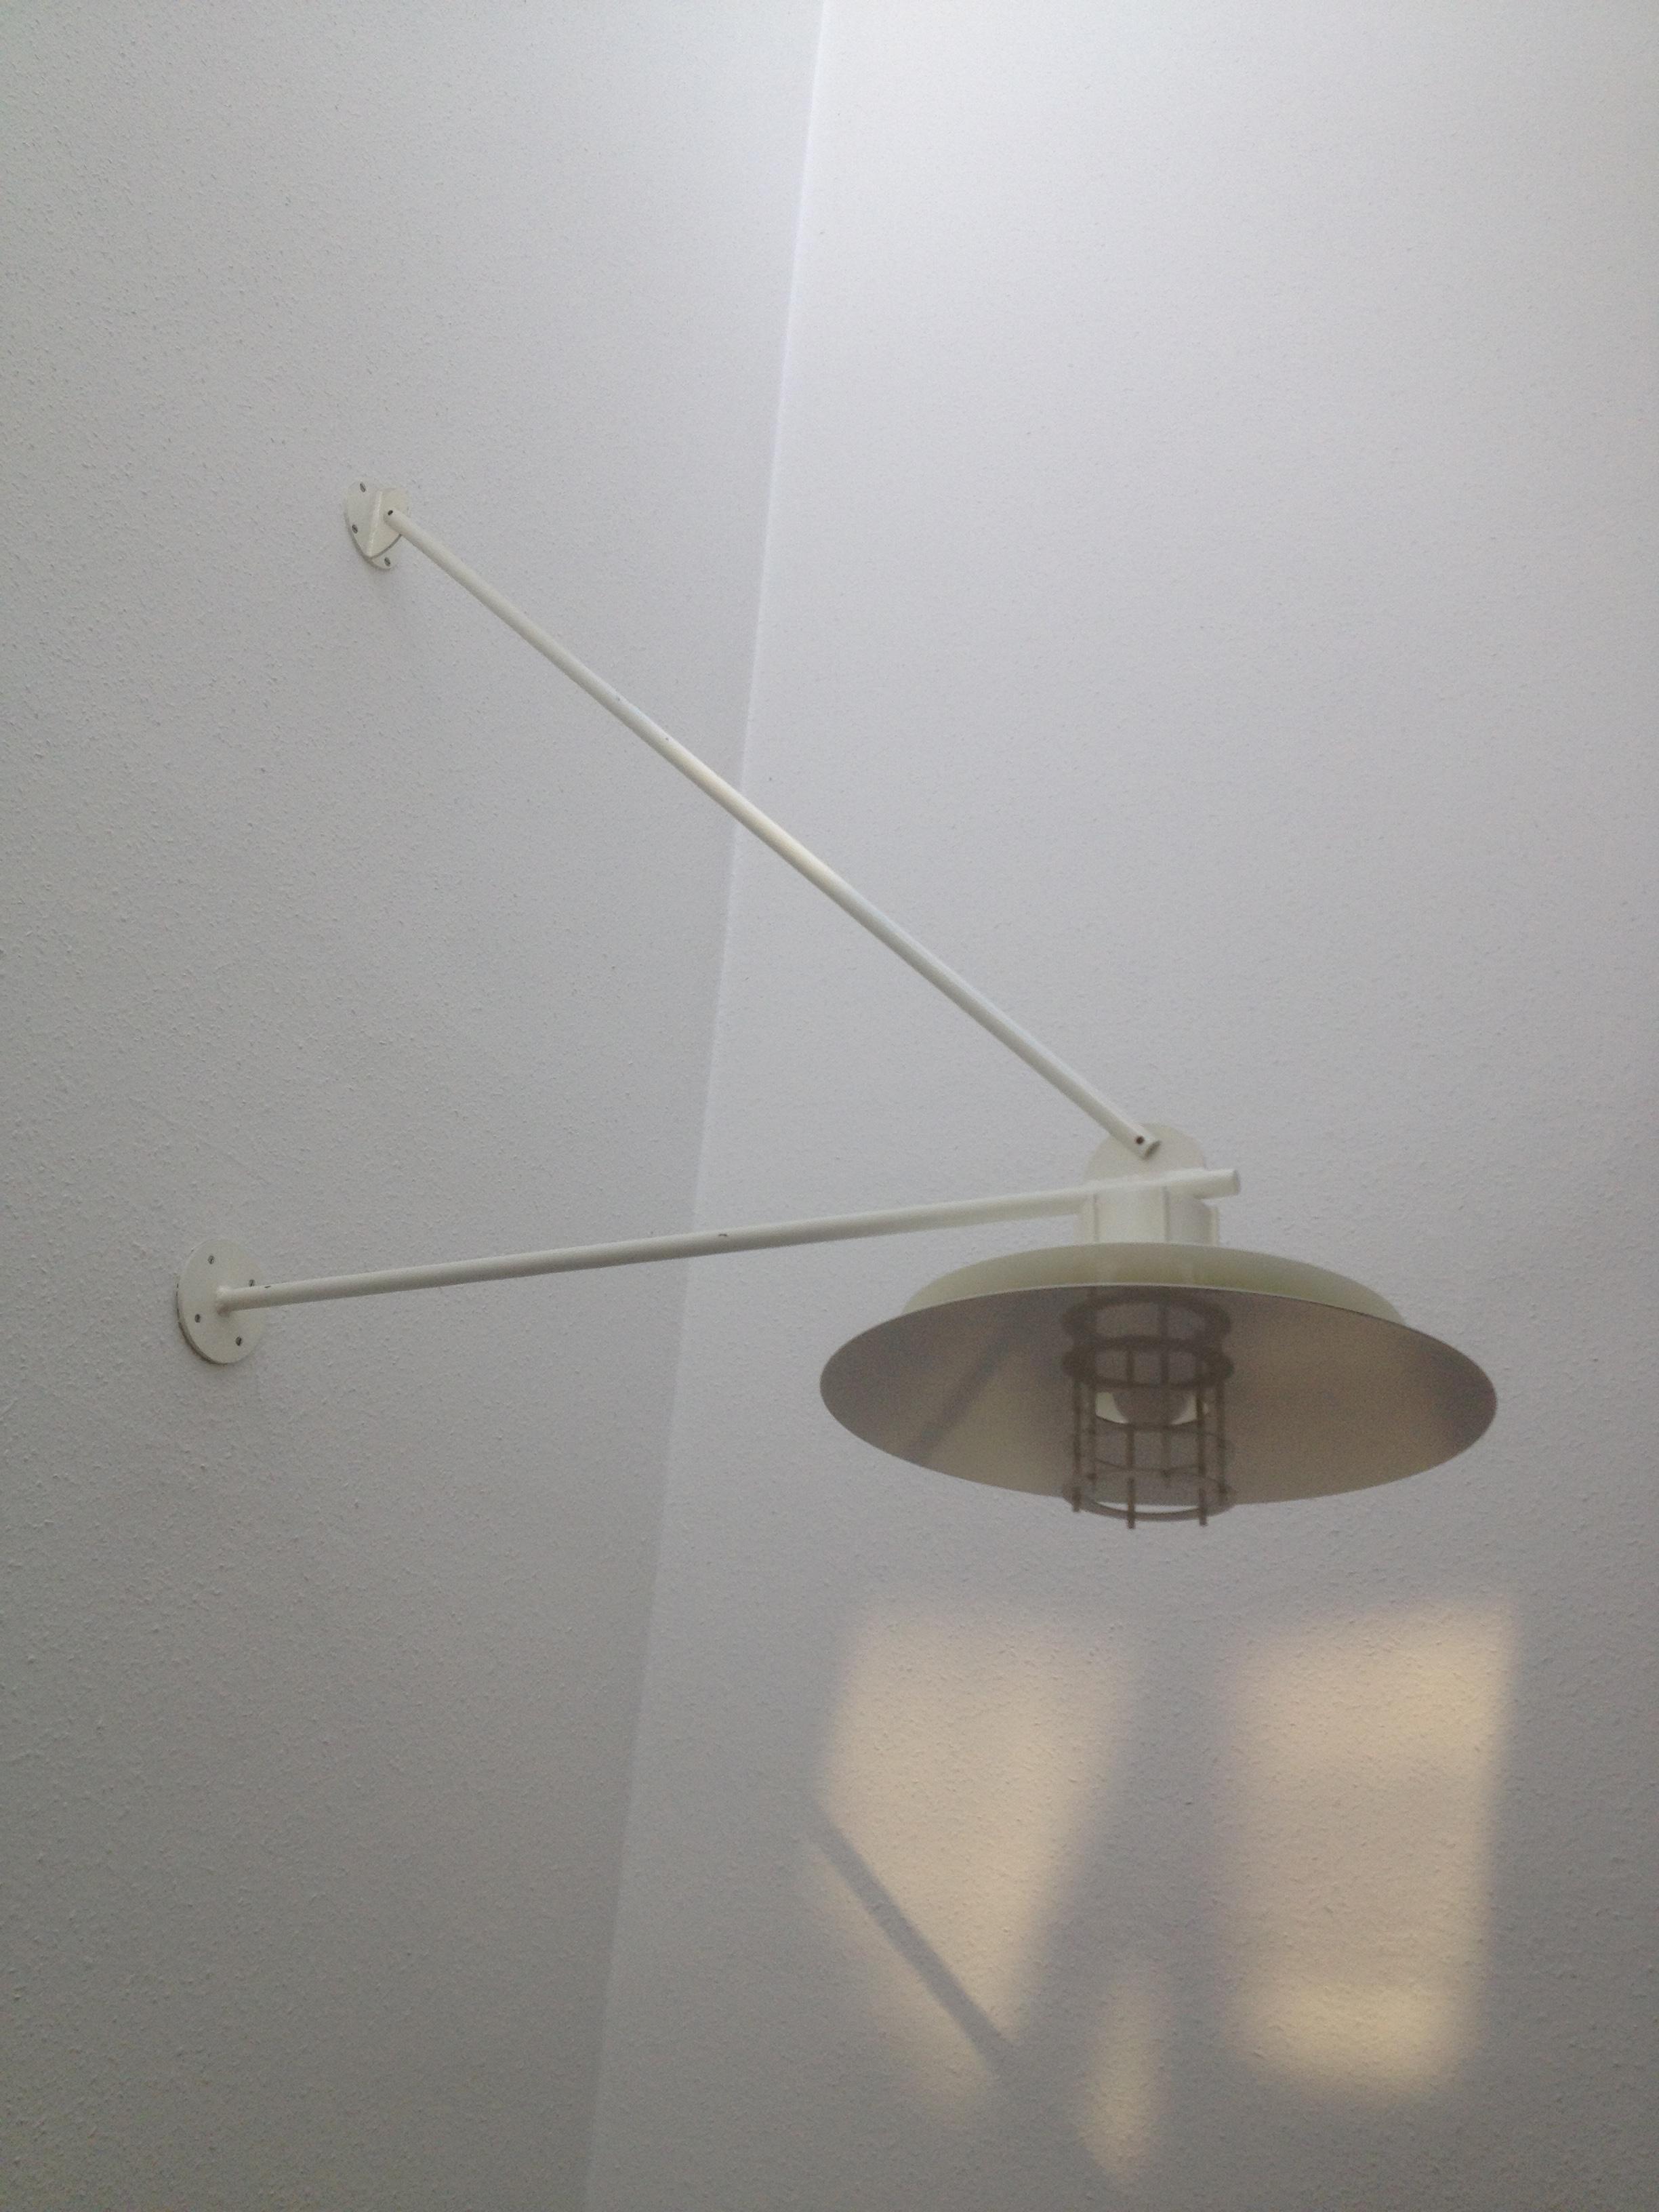 designer deckenlampe von louis poulsen oder m ller jensen schreibtischlampen lampen unsere. Black Bedroom Furniture Sets. Home Design Ideas